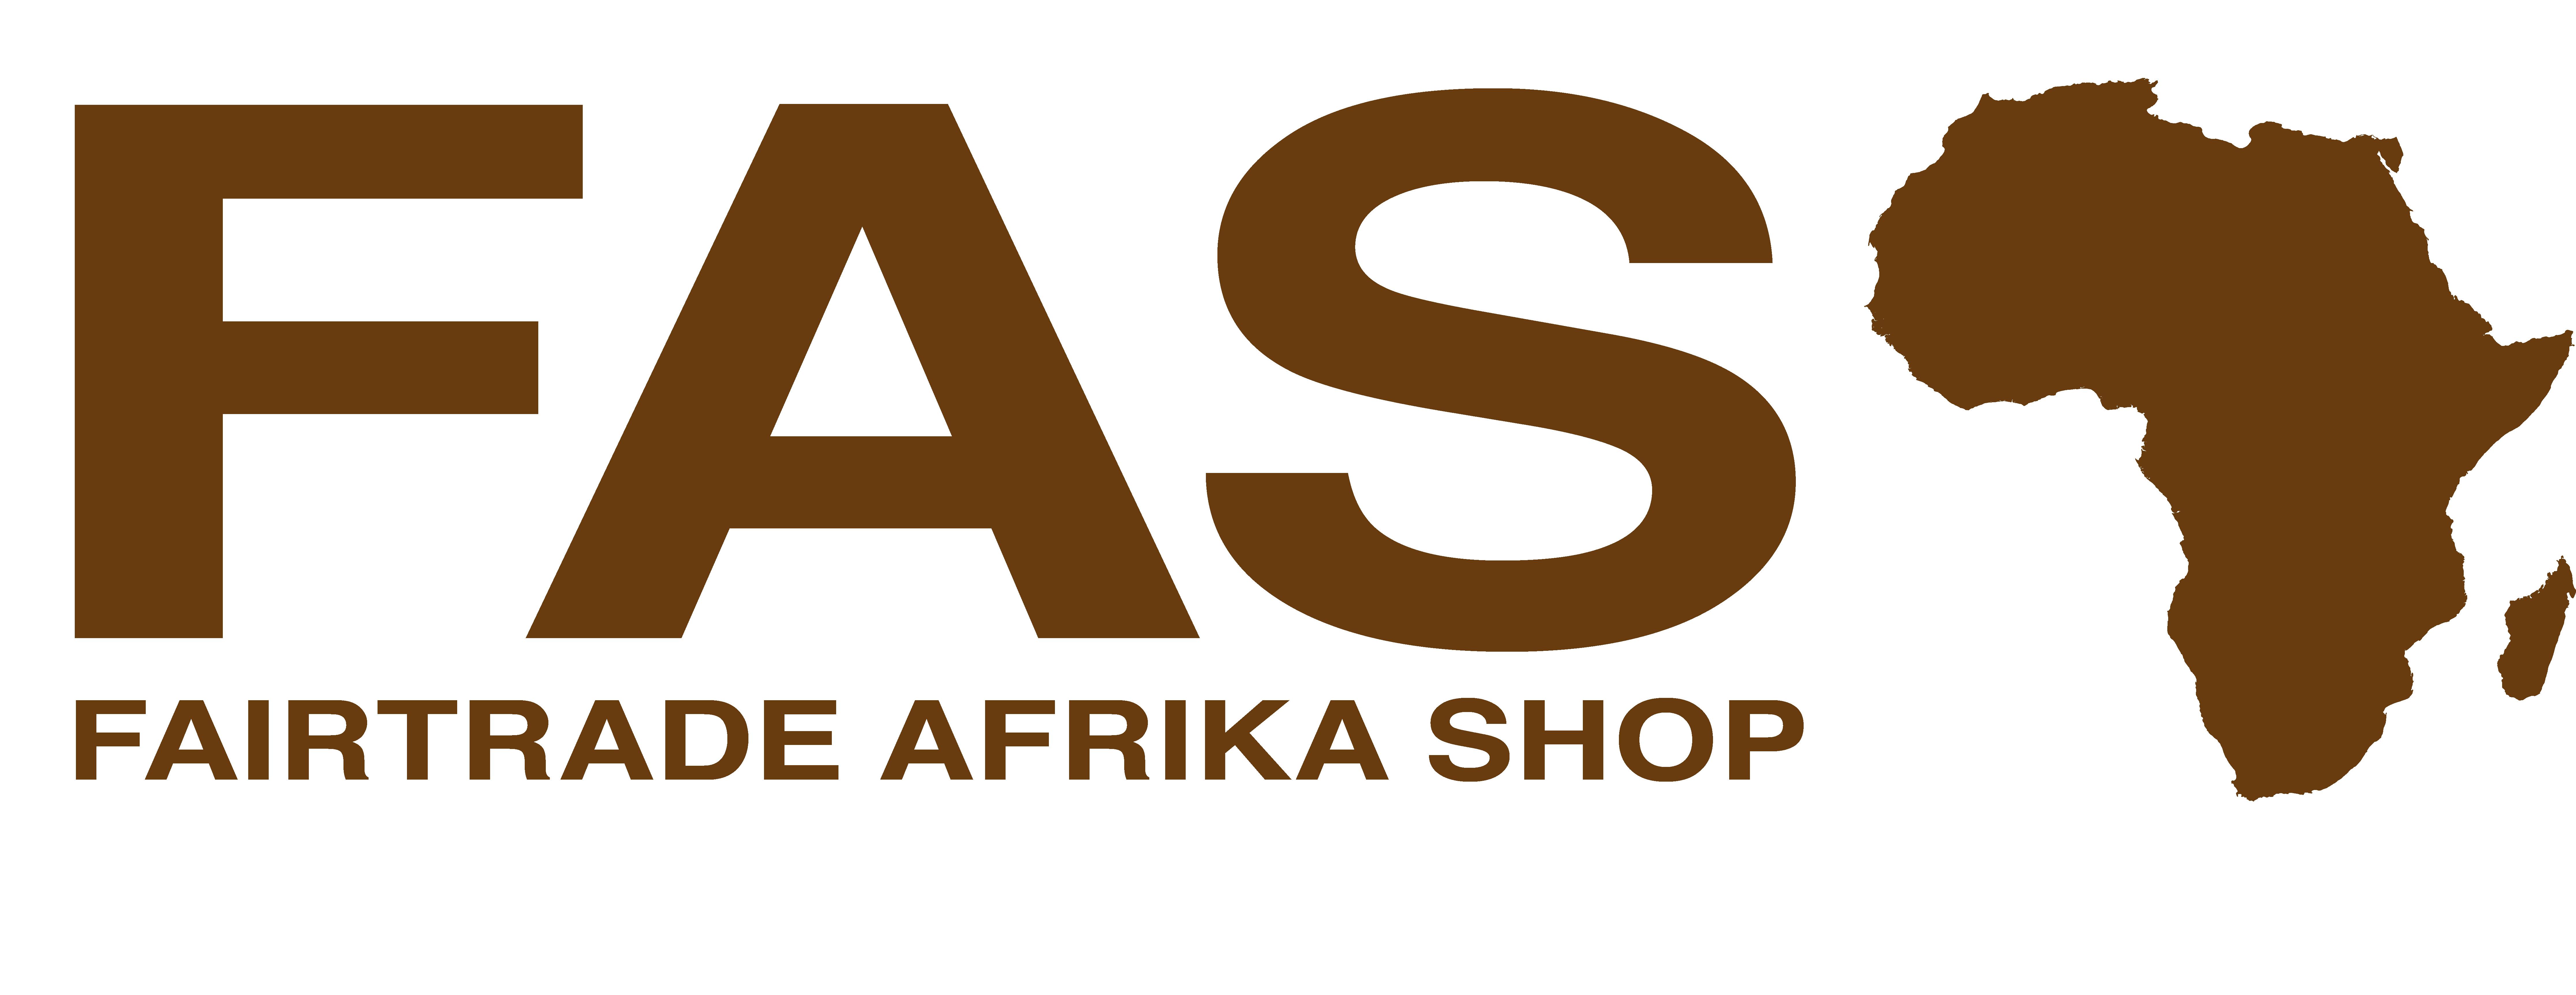 trade shop erfahrungen